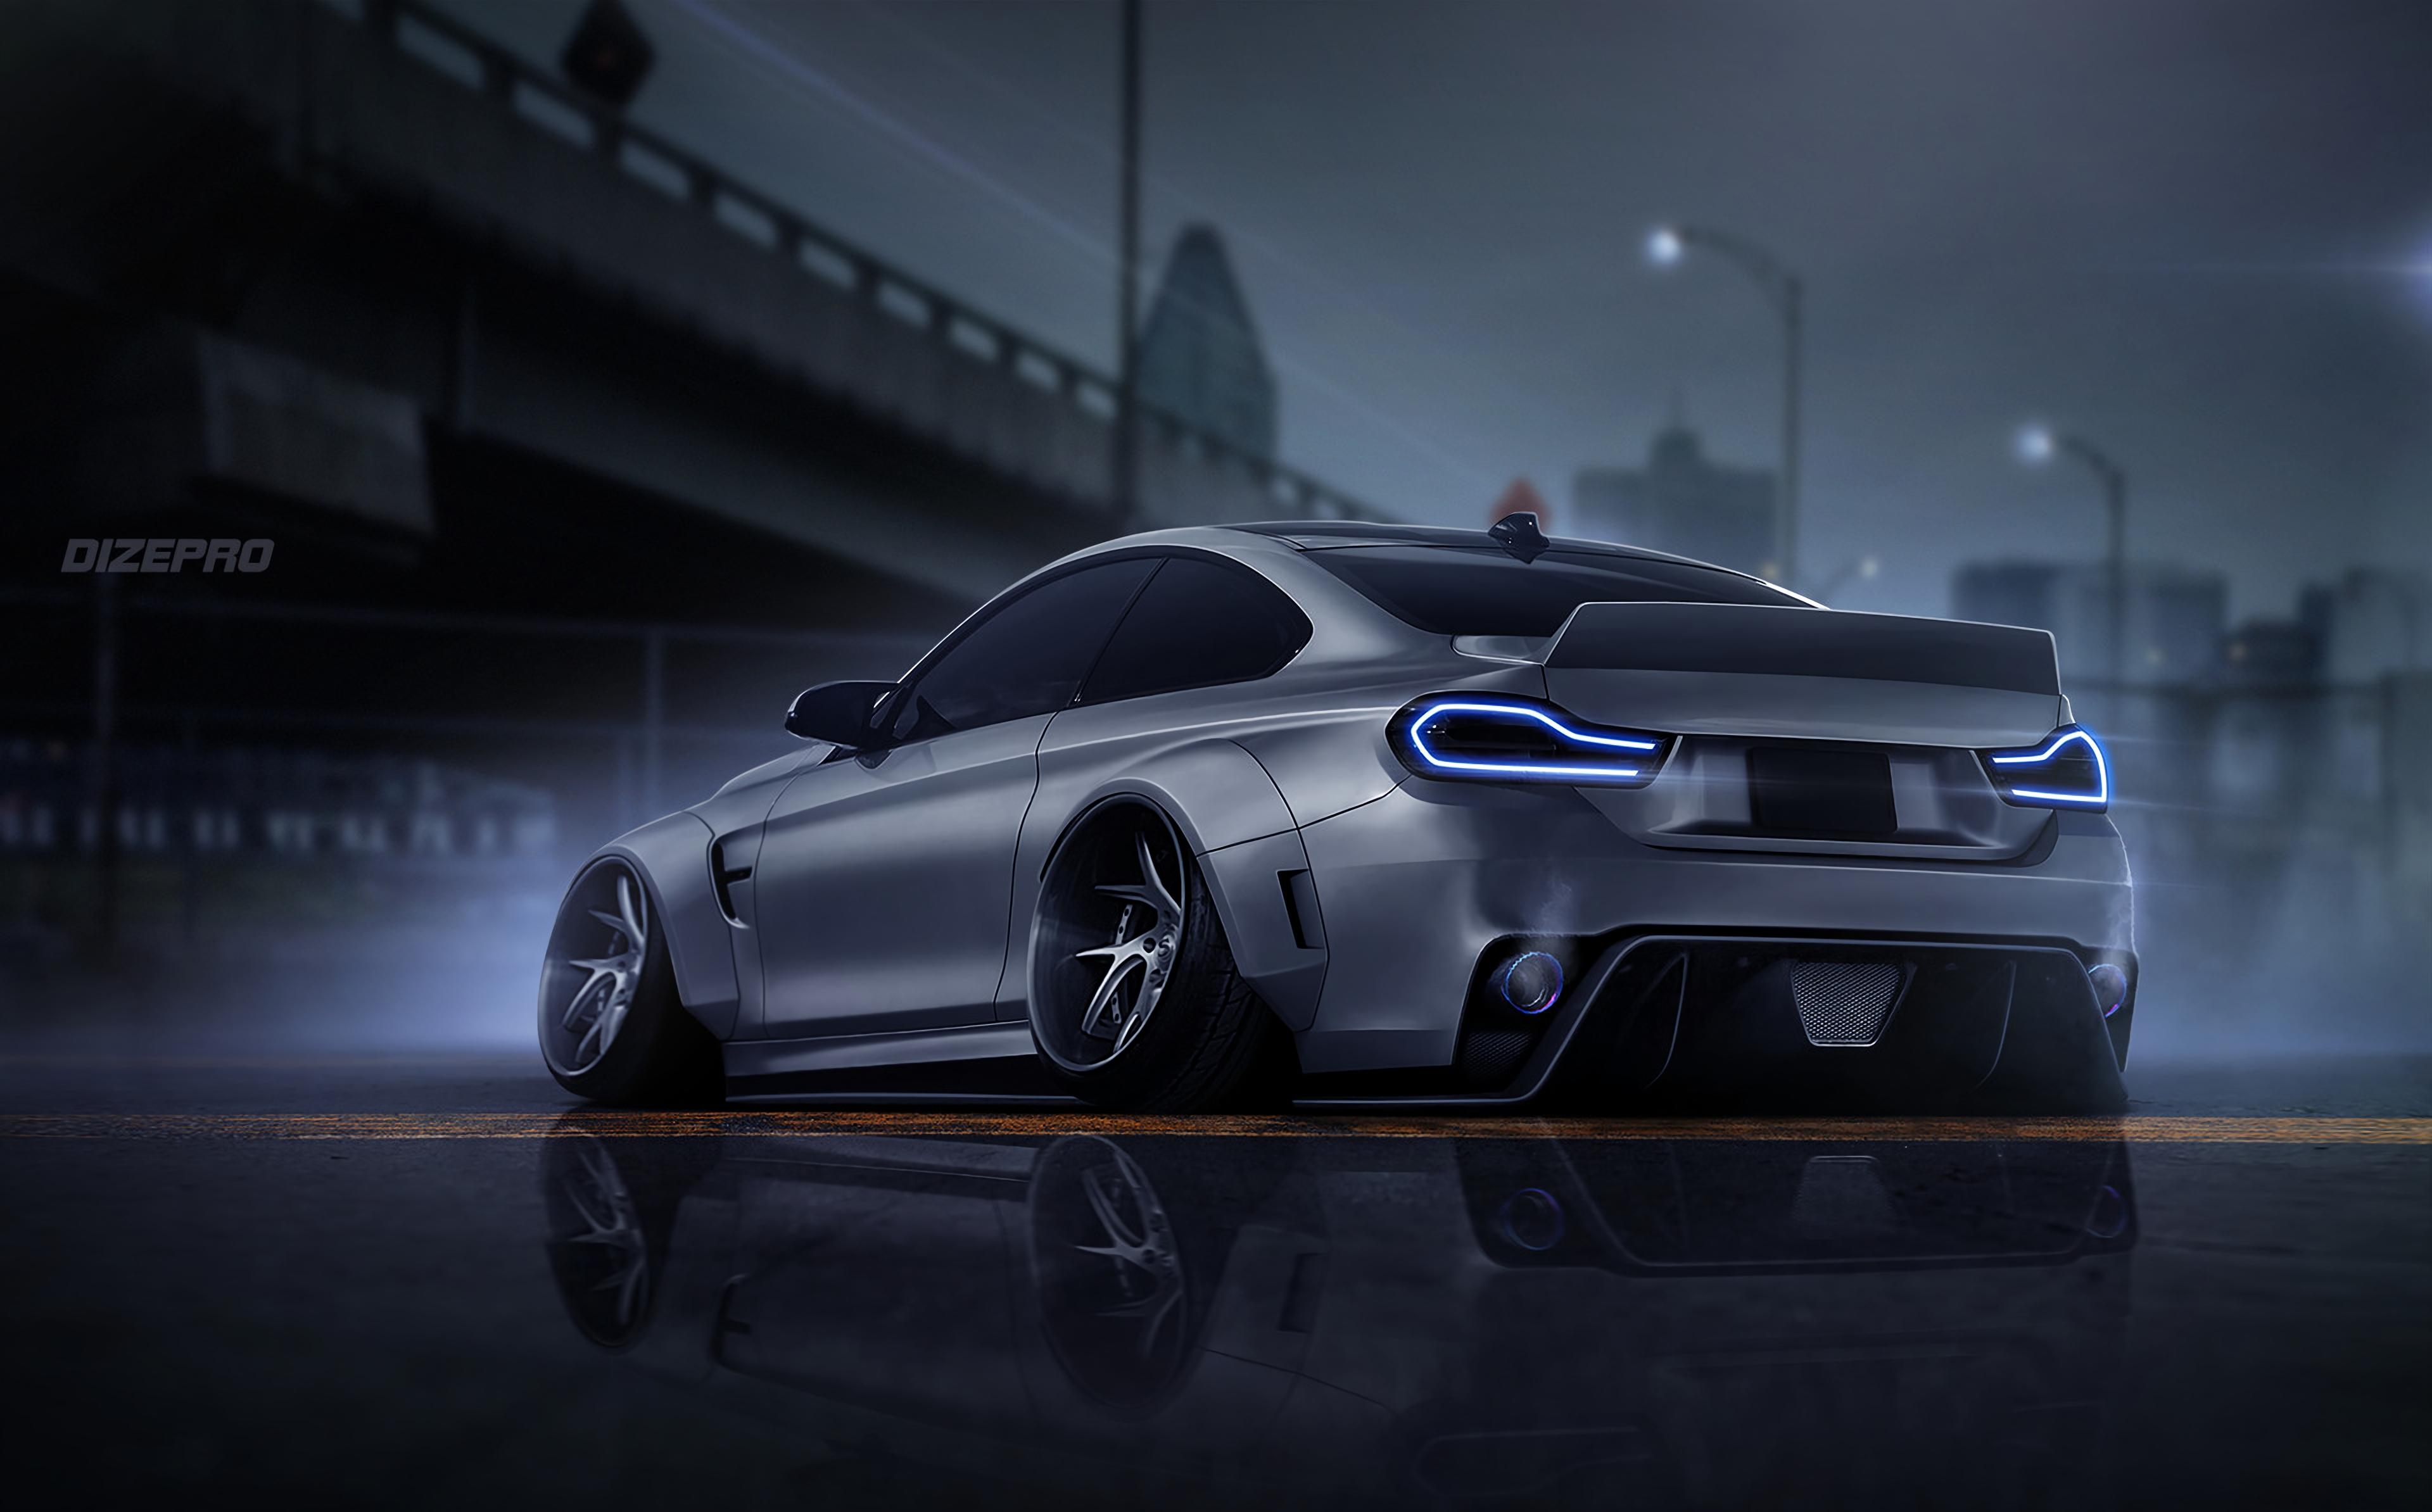 Bmw F82 Dark Side Car Digital Art 4k, HD Cars, 4k ...